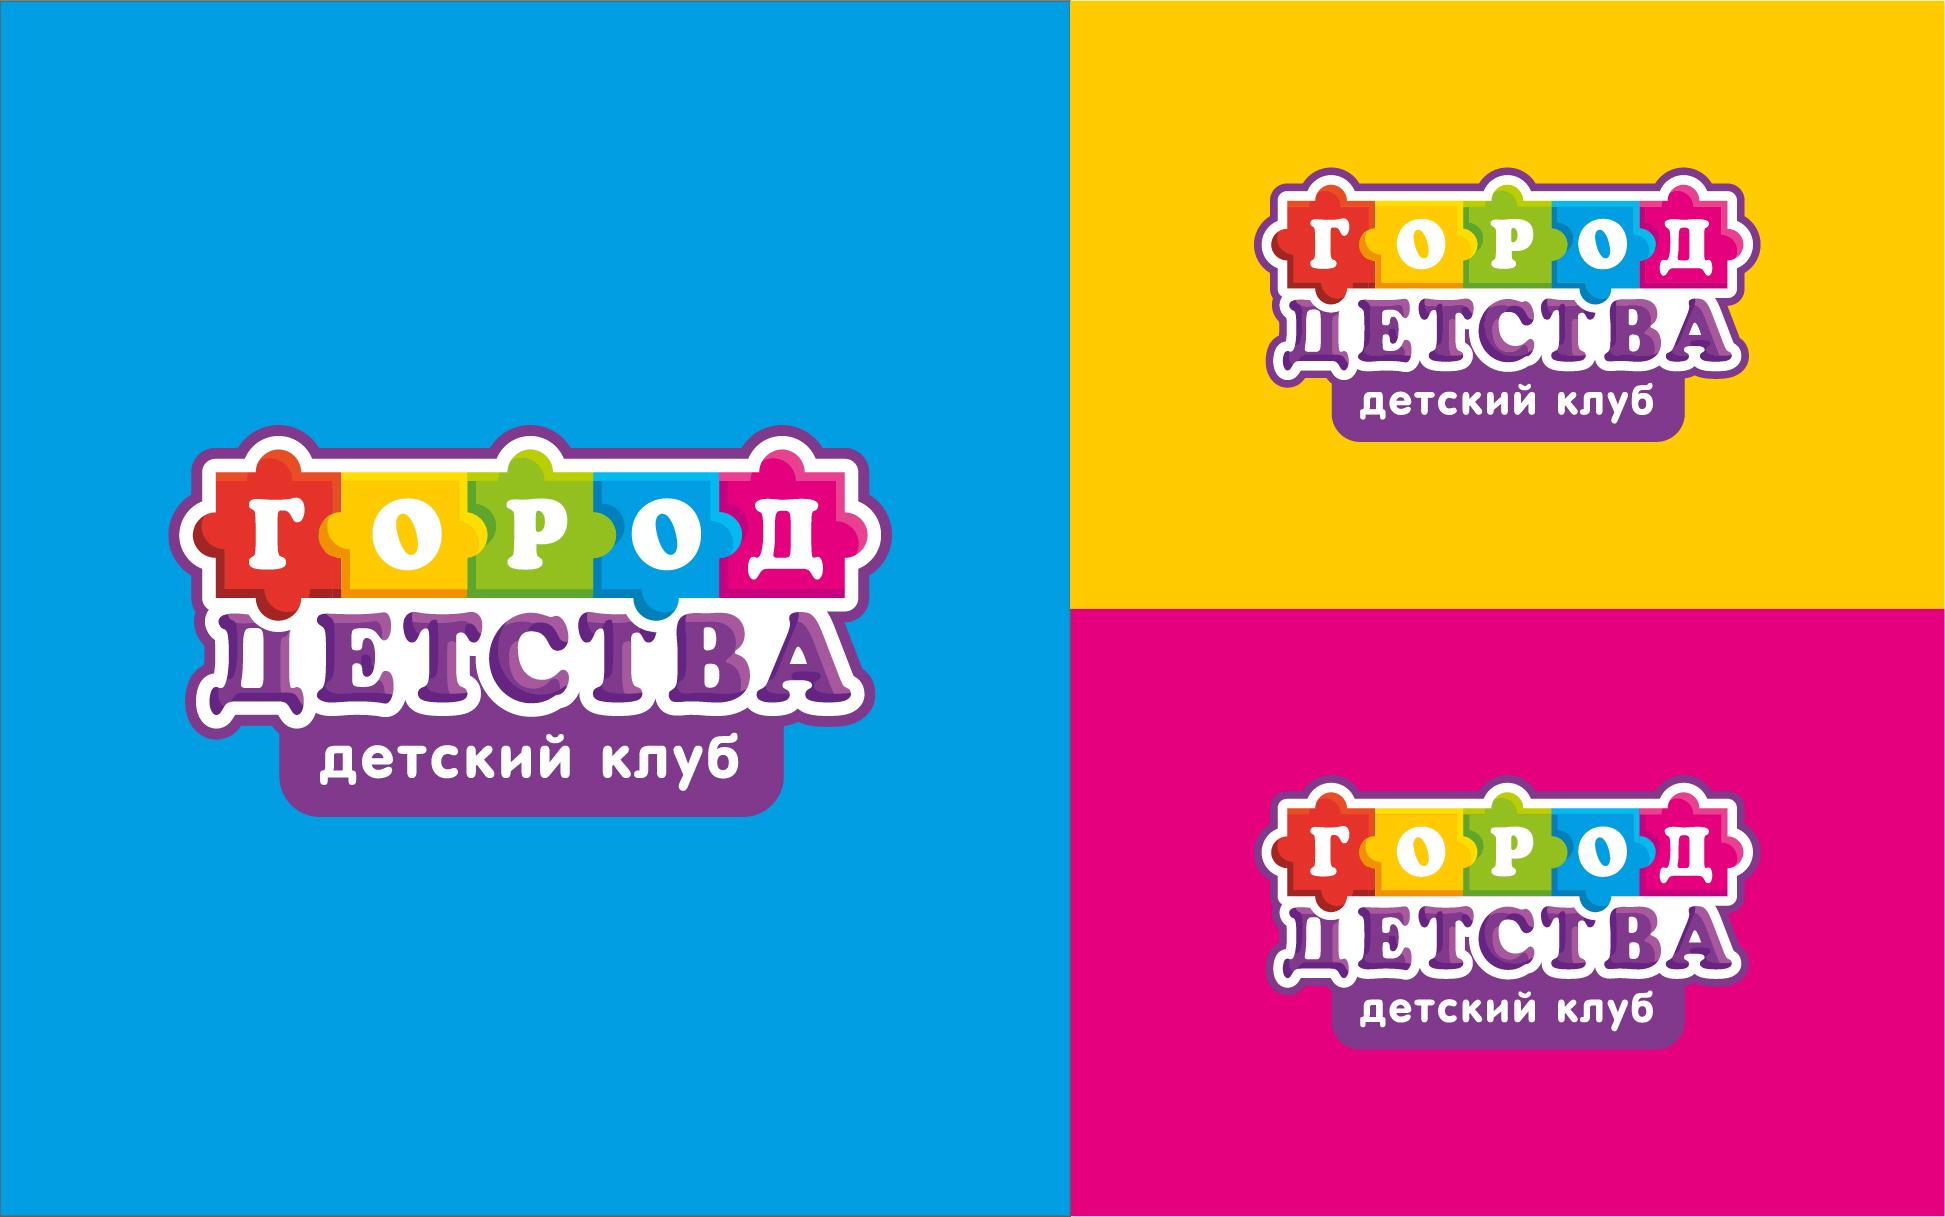 Gorod Detstva logo